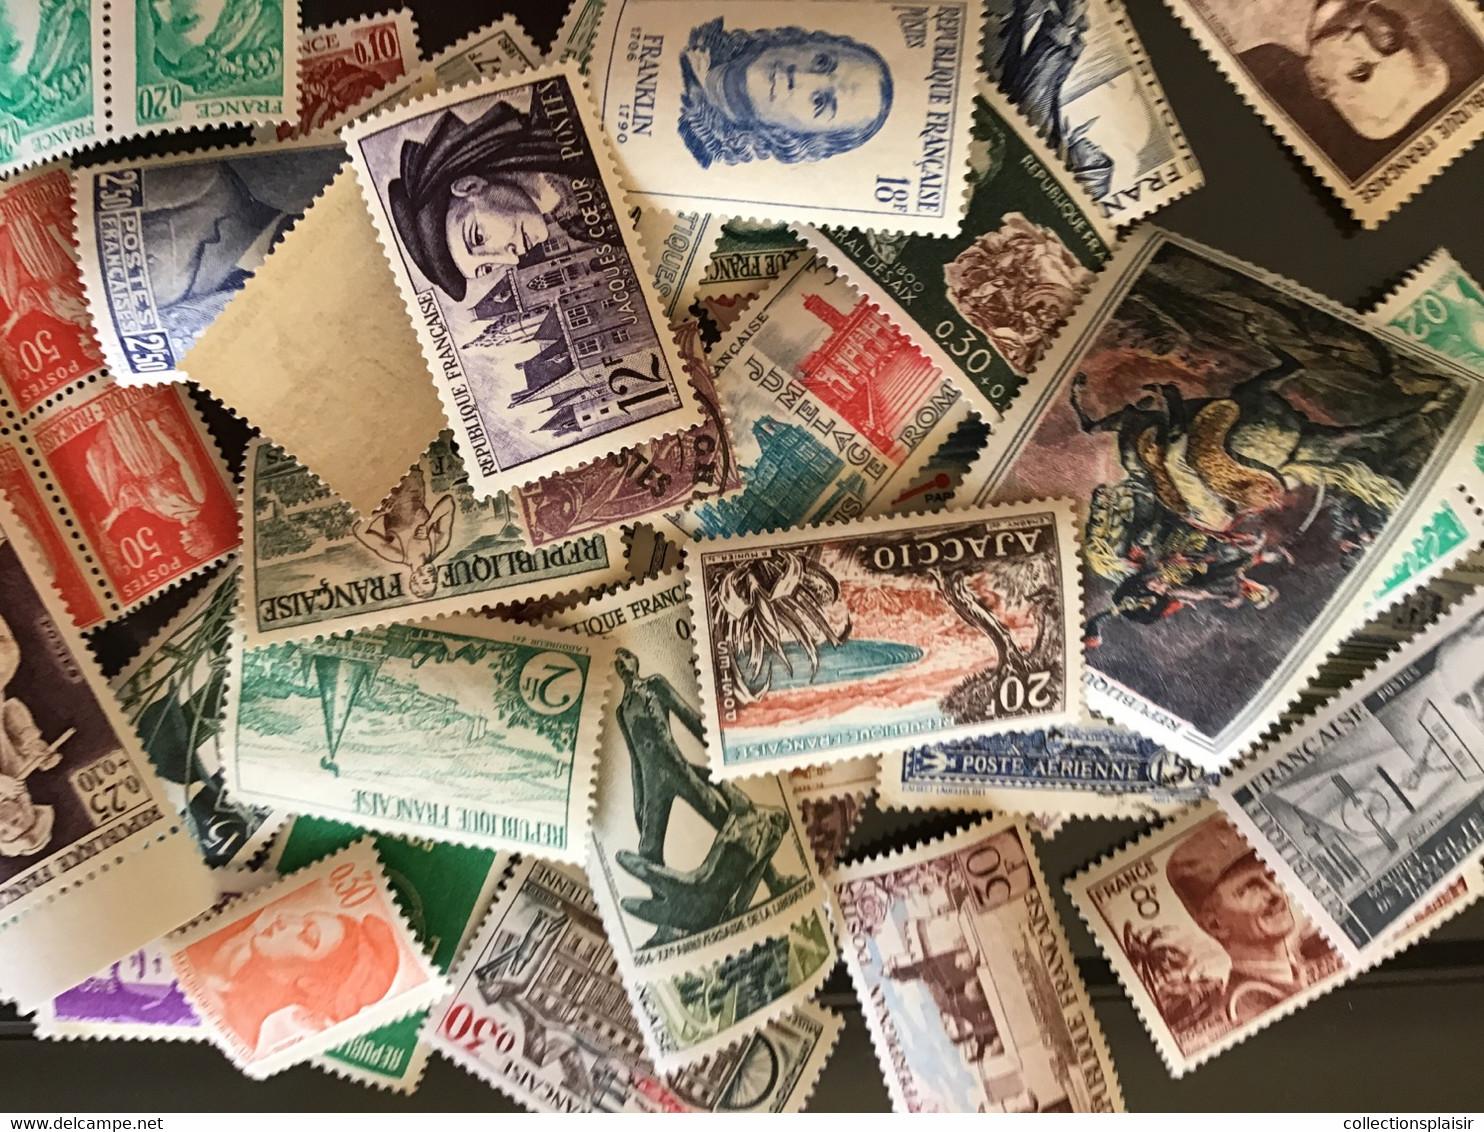 TOUT DOIT DISPARAÎTRE PLUS DE 6000 TIMBRES MONDE ET FRANCE LIQUIDATION DE MES DERNIERS TIMBRES - Collections (without Album)